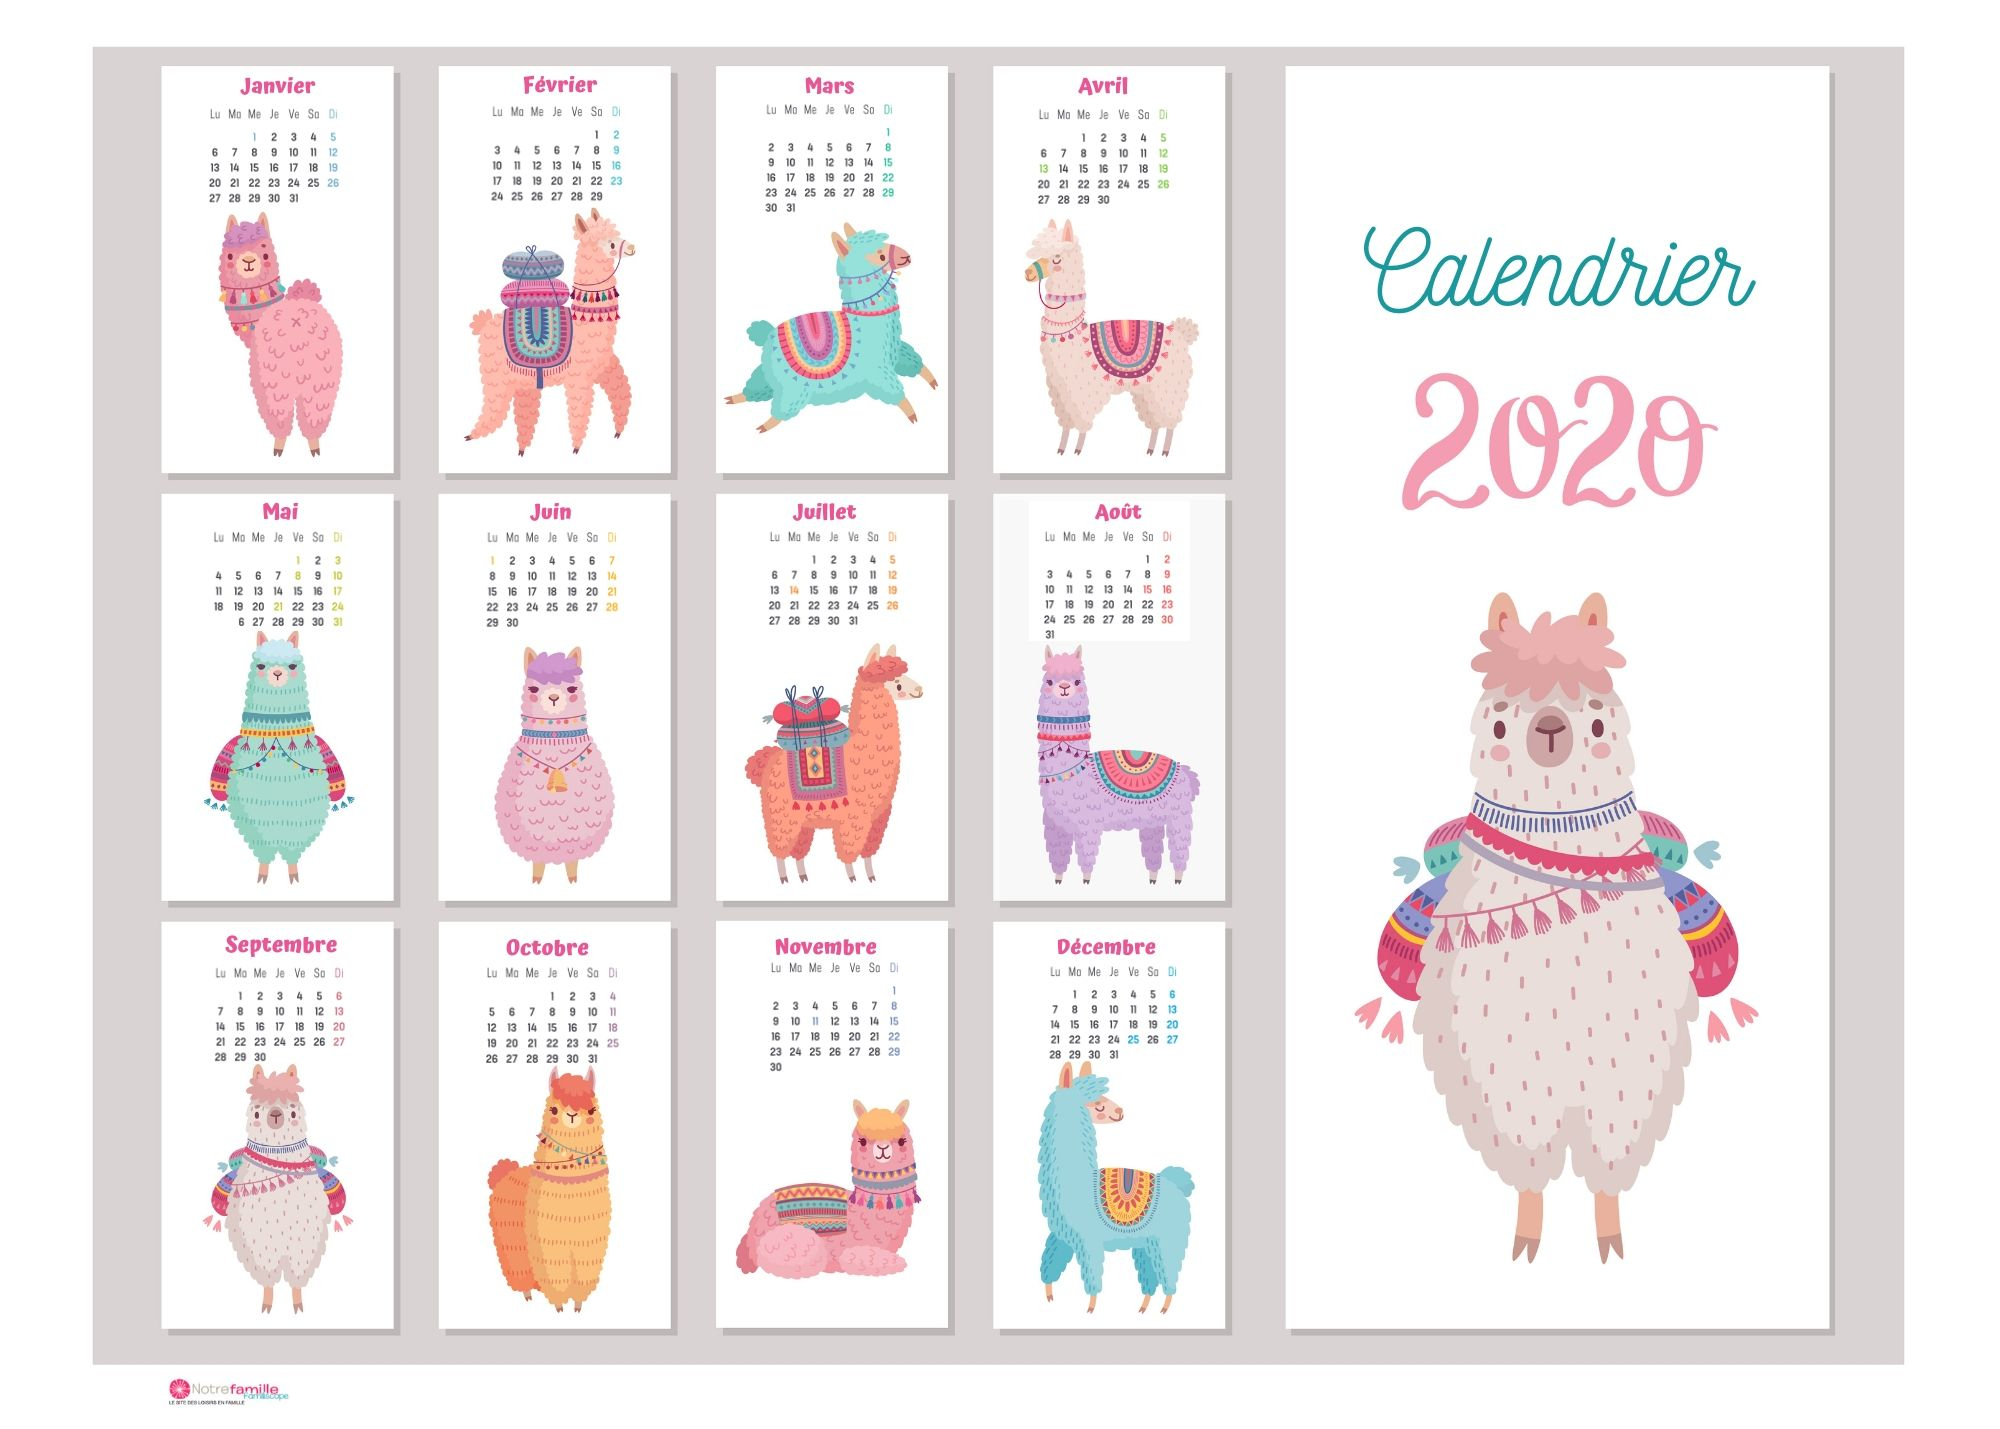 Calendriers 2020 À Imprimer Pour Les Enfants concernant Jeux À Imprimer 8 Ans